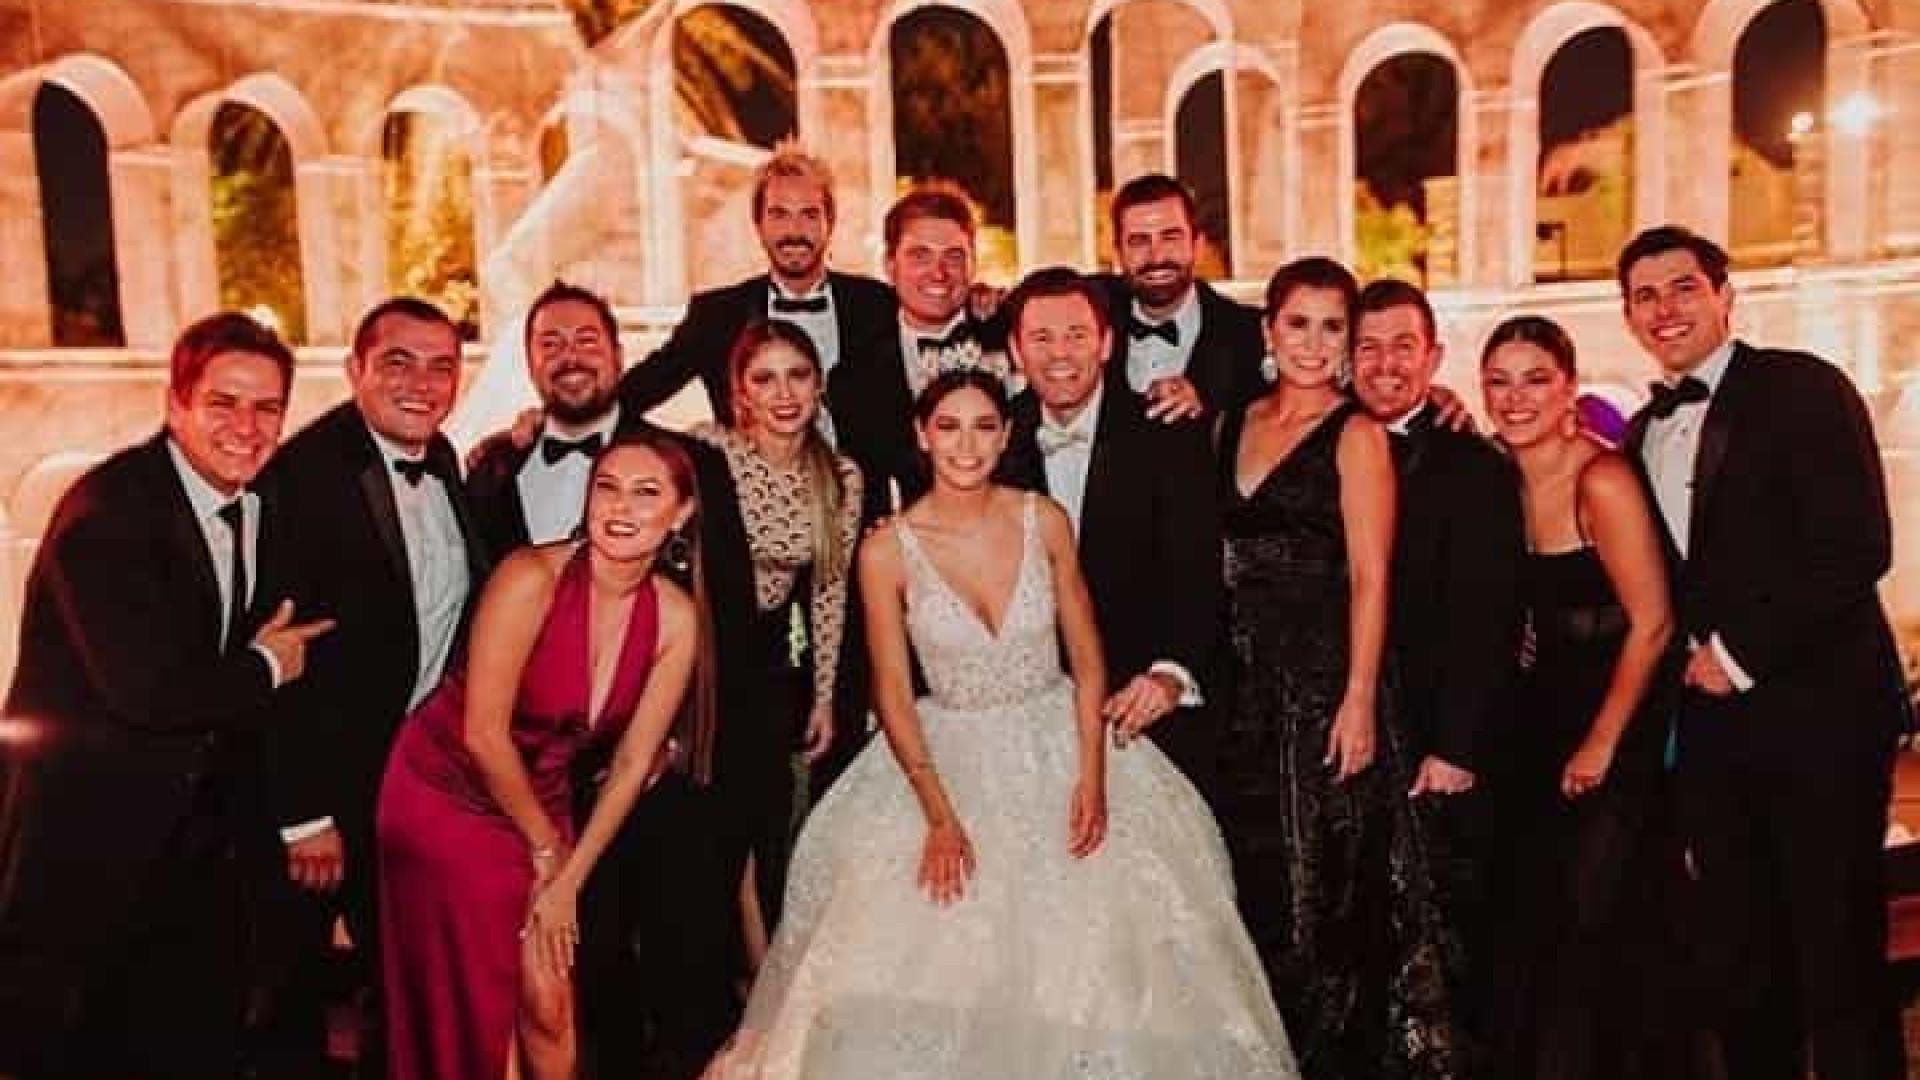 Ator mexicano se casa em festa de arromba. 100 convidados estão infectados